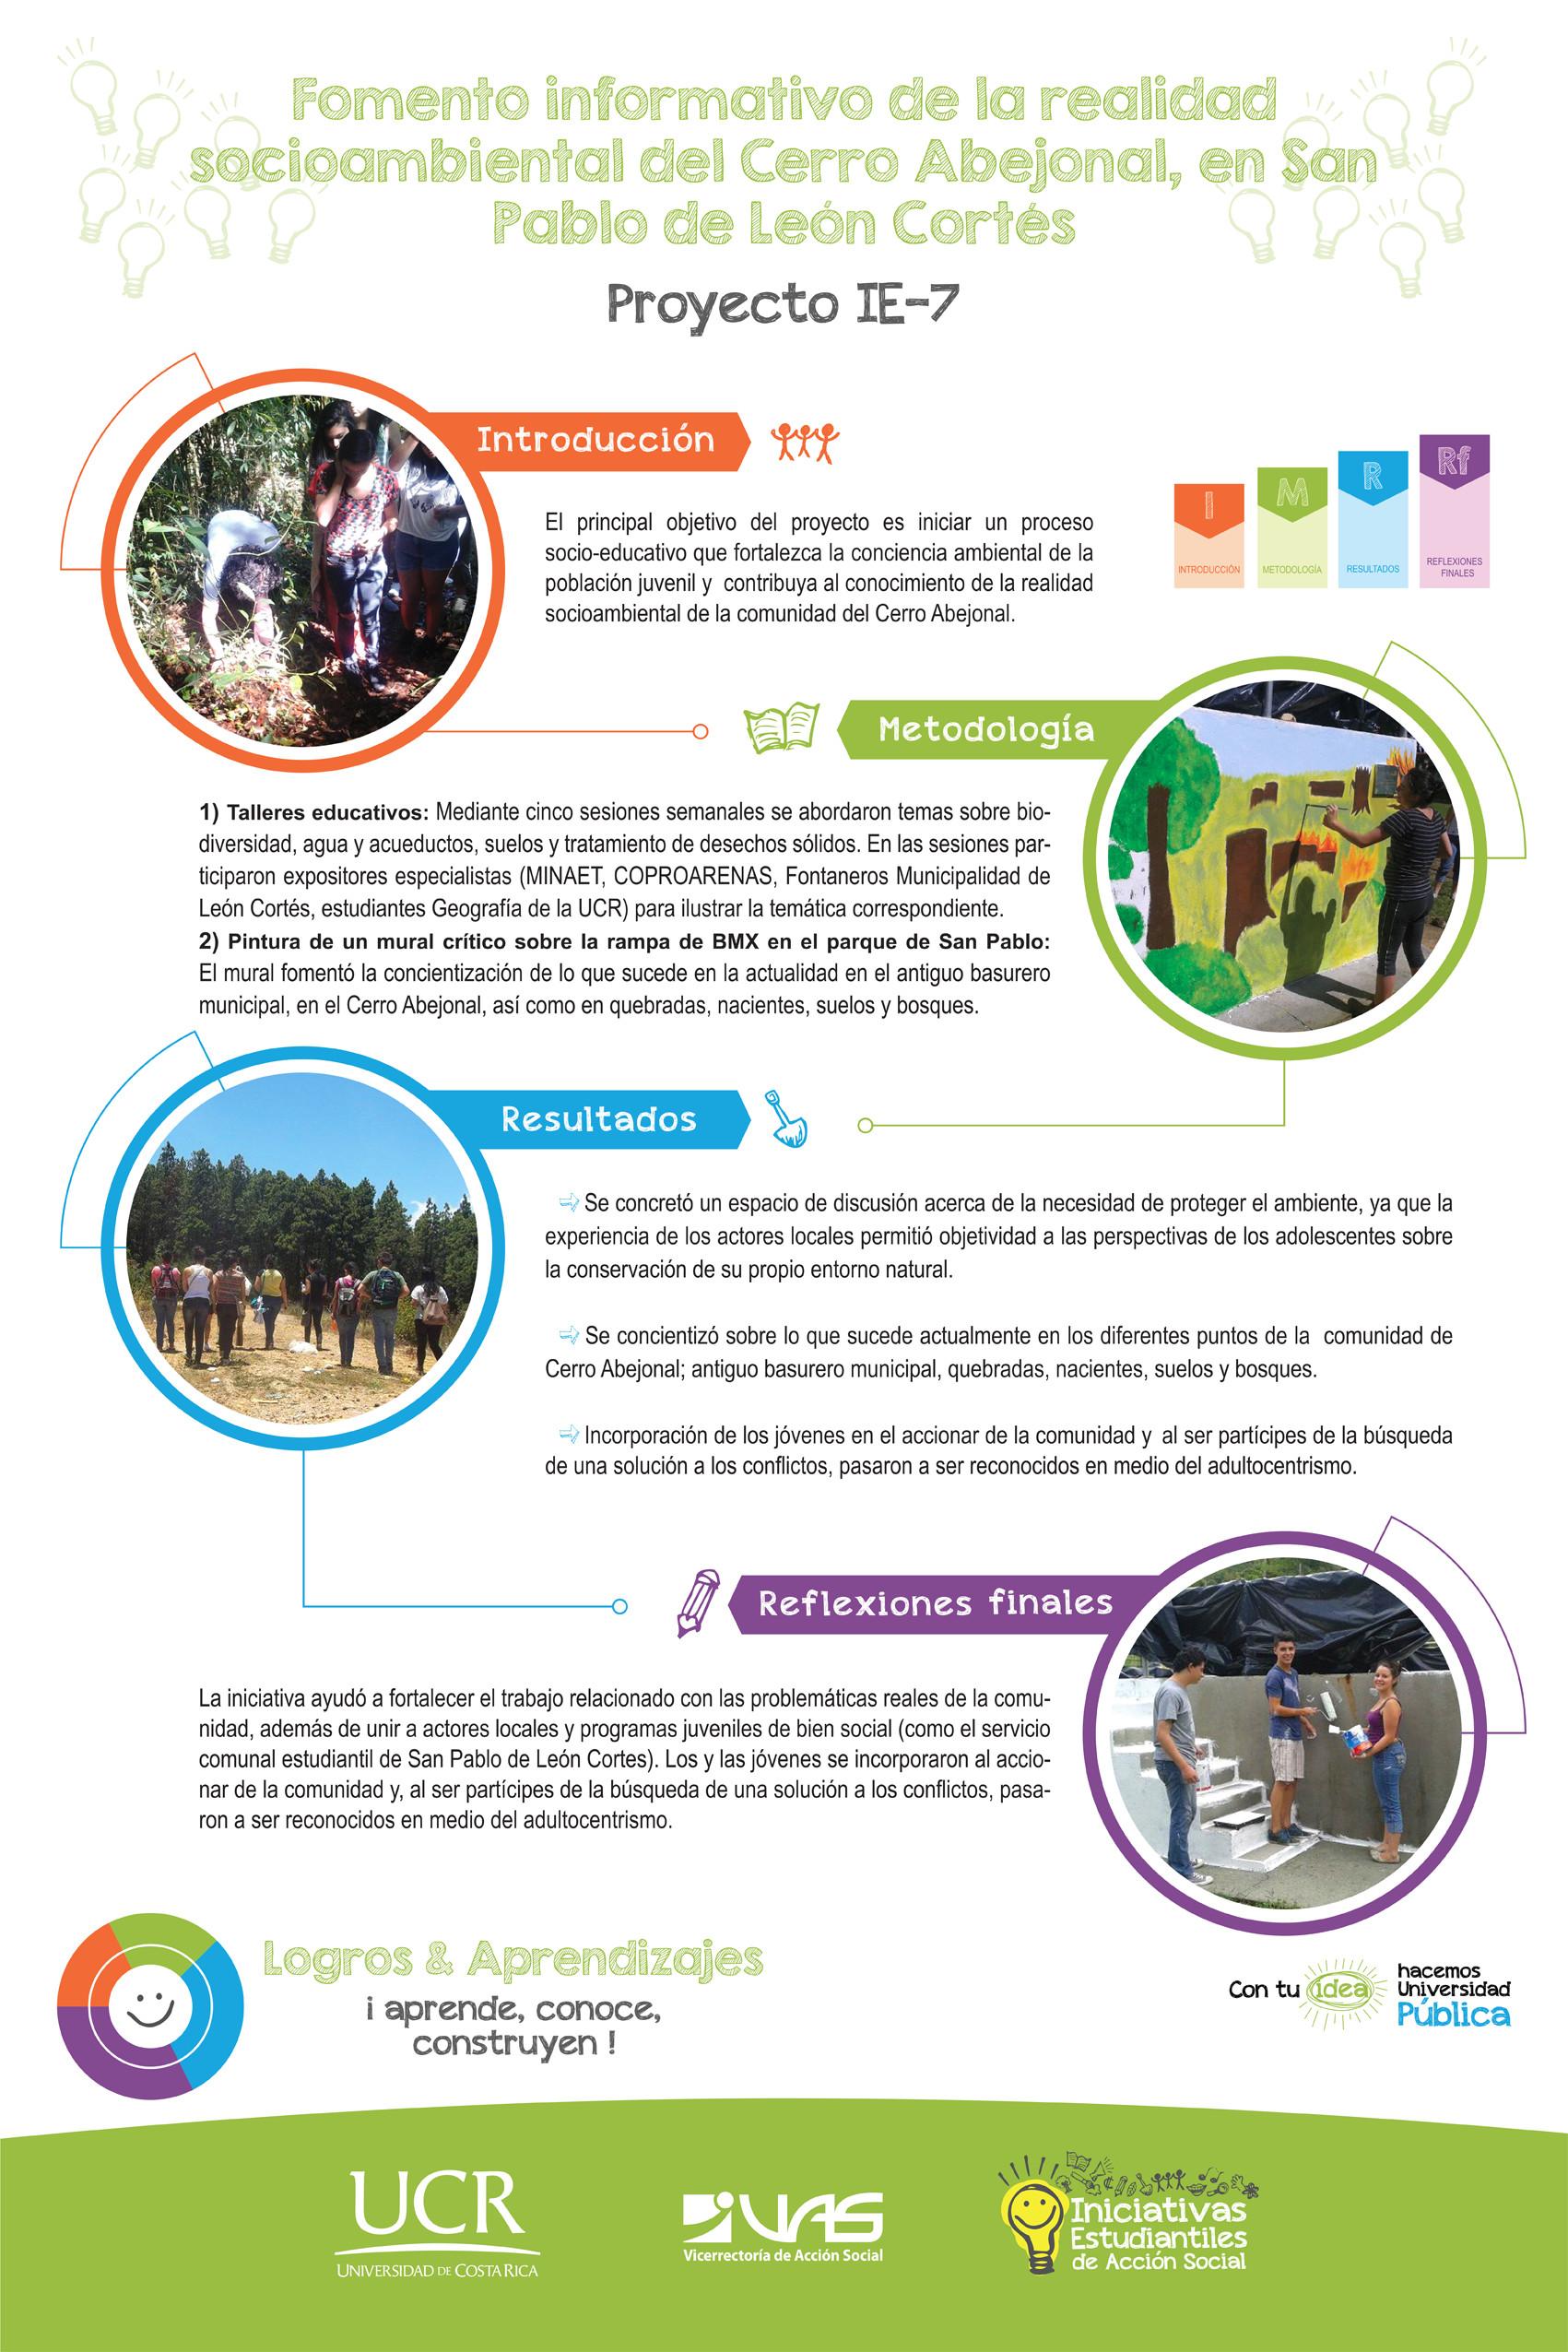 Fomento informativo de la realidad socioambiental del Cerro Abejonal.  IE-7.